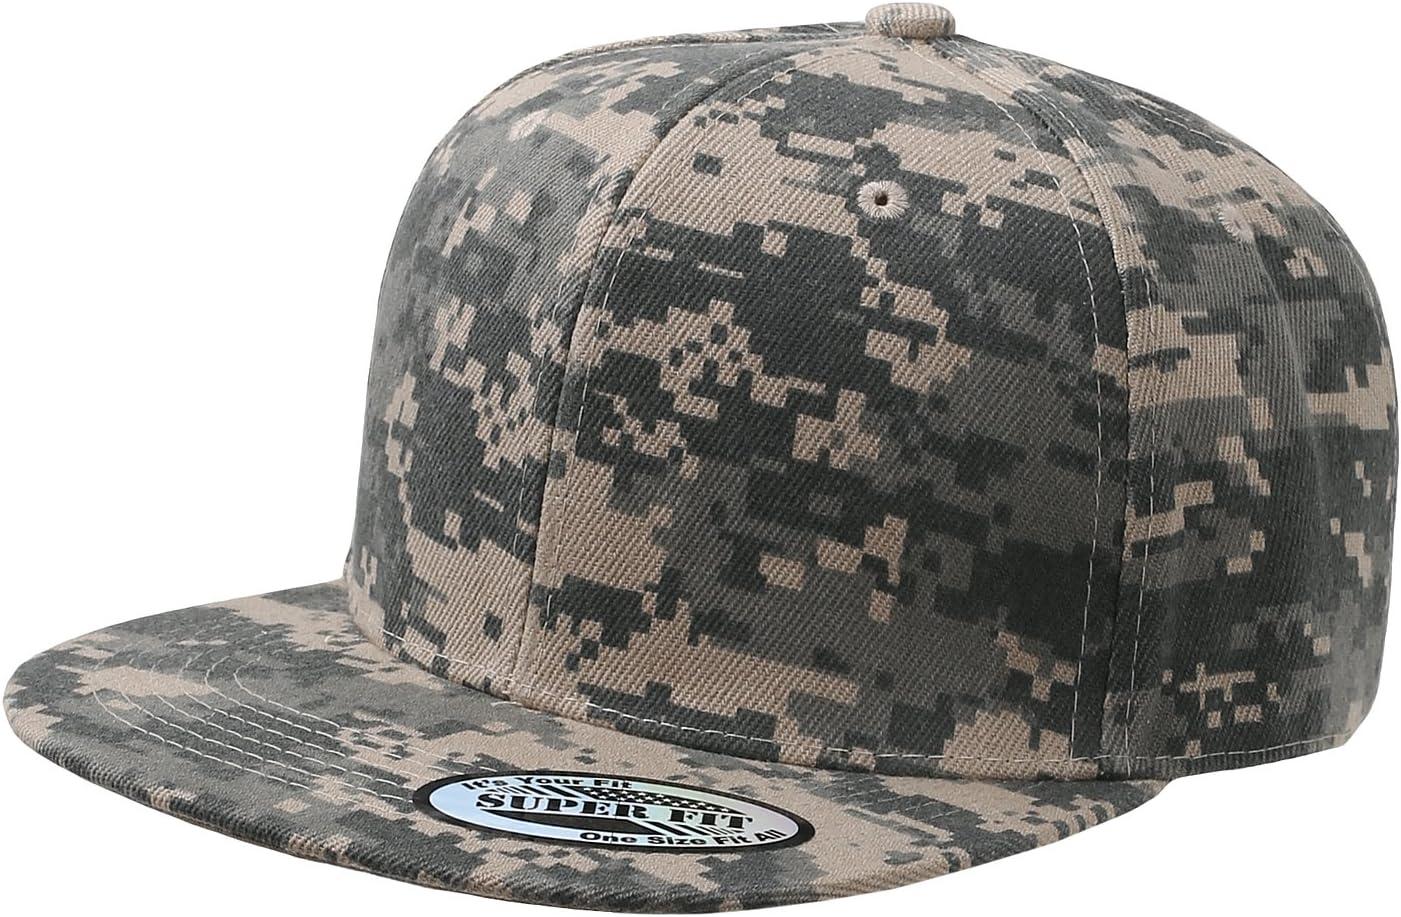 All Colors Adjustable Plain Snapback Hats Caps